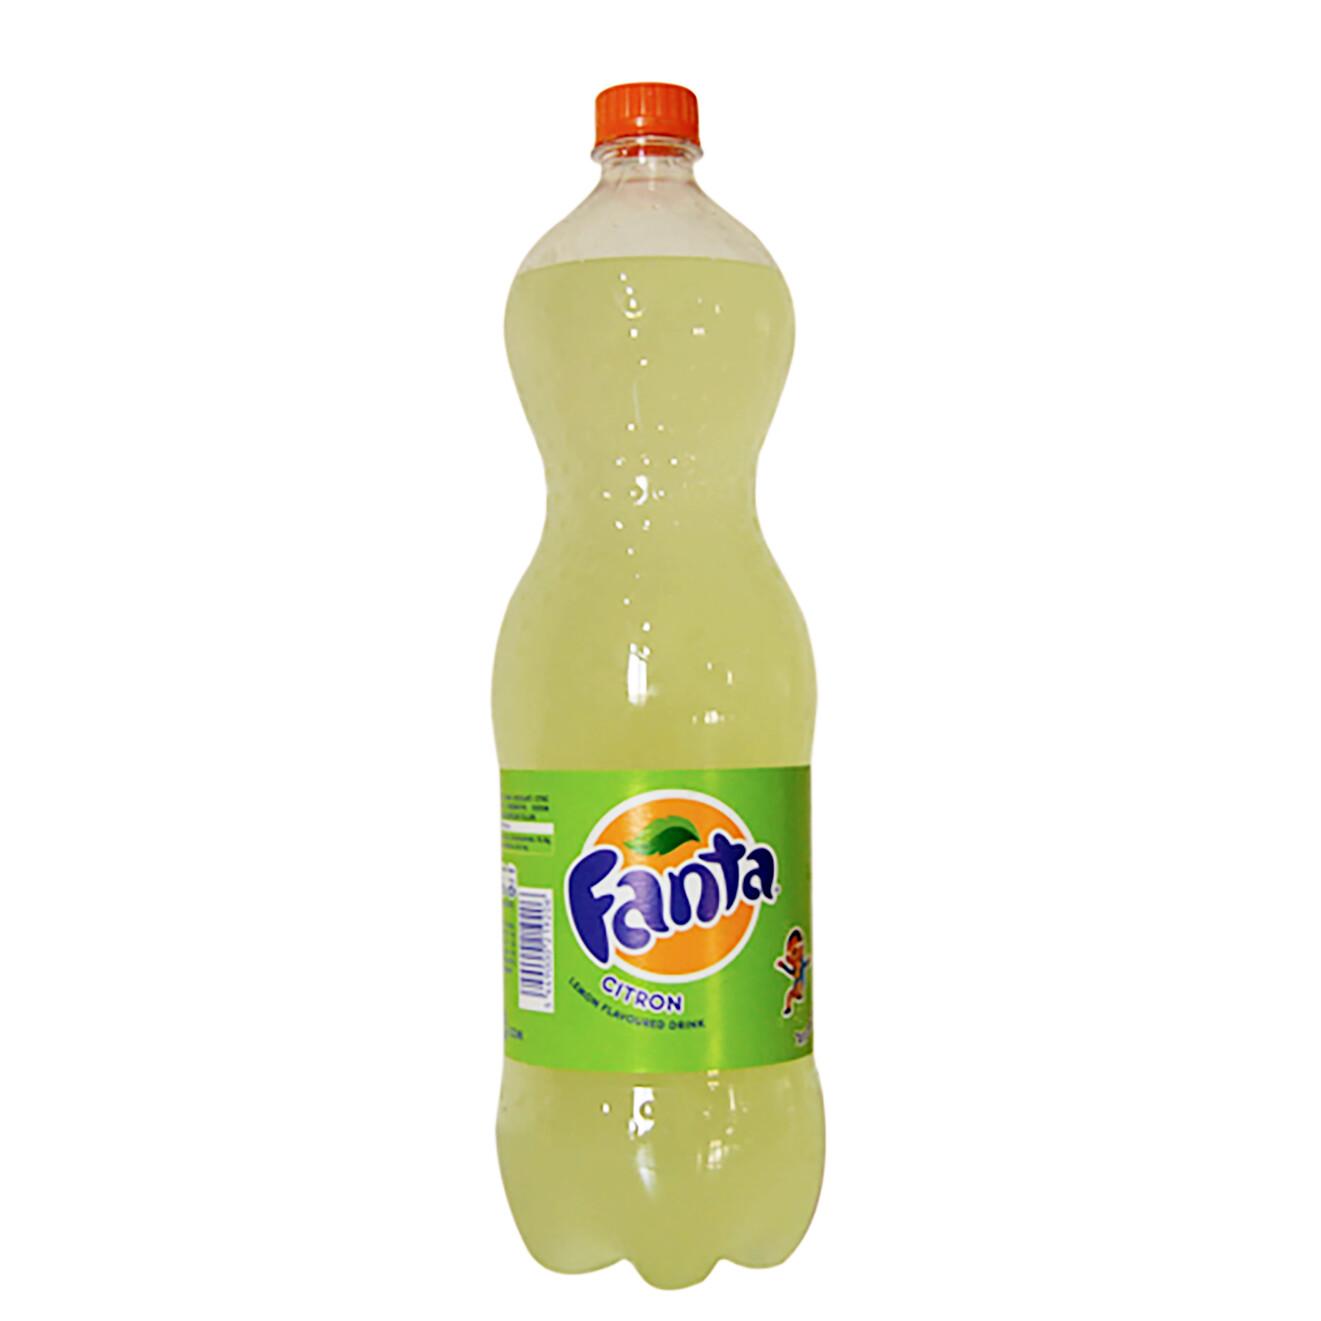 Fanta Citron /1,5L